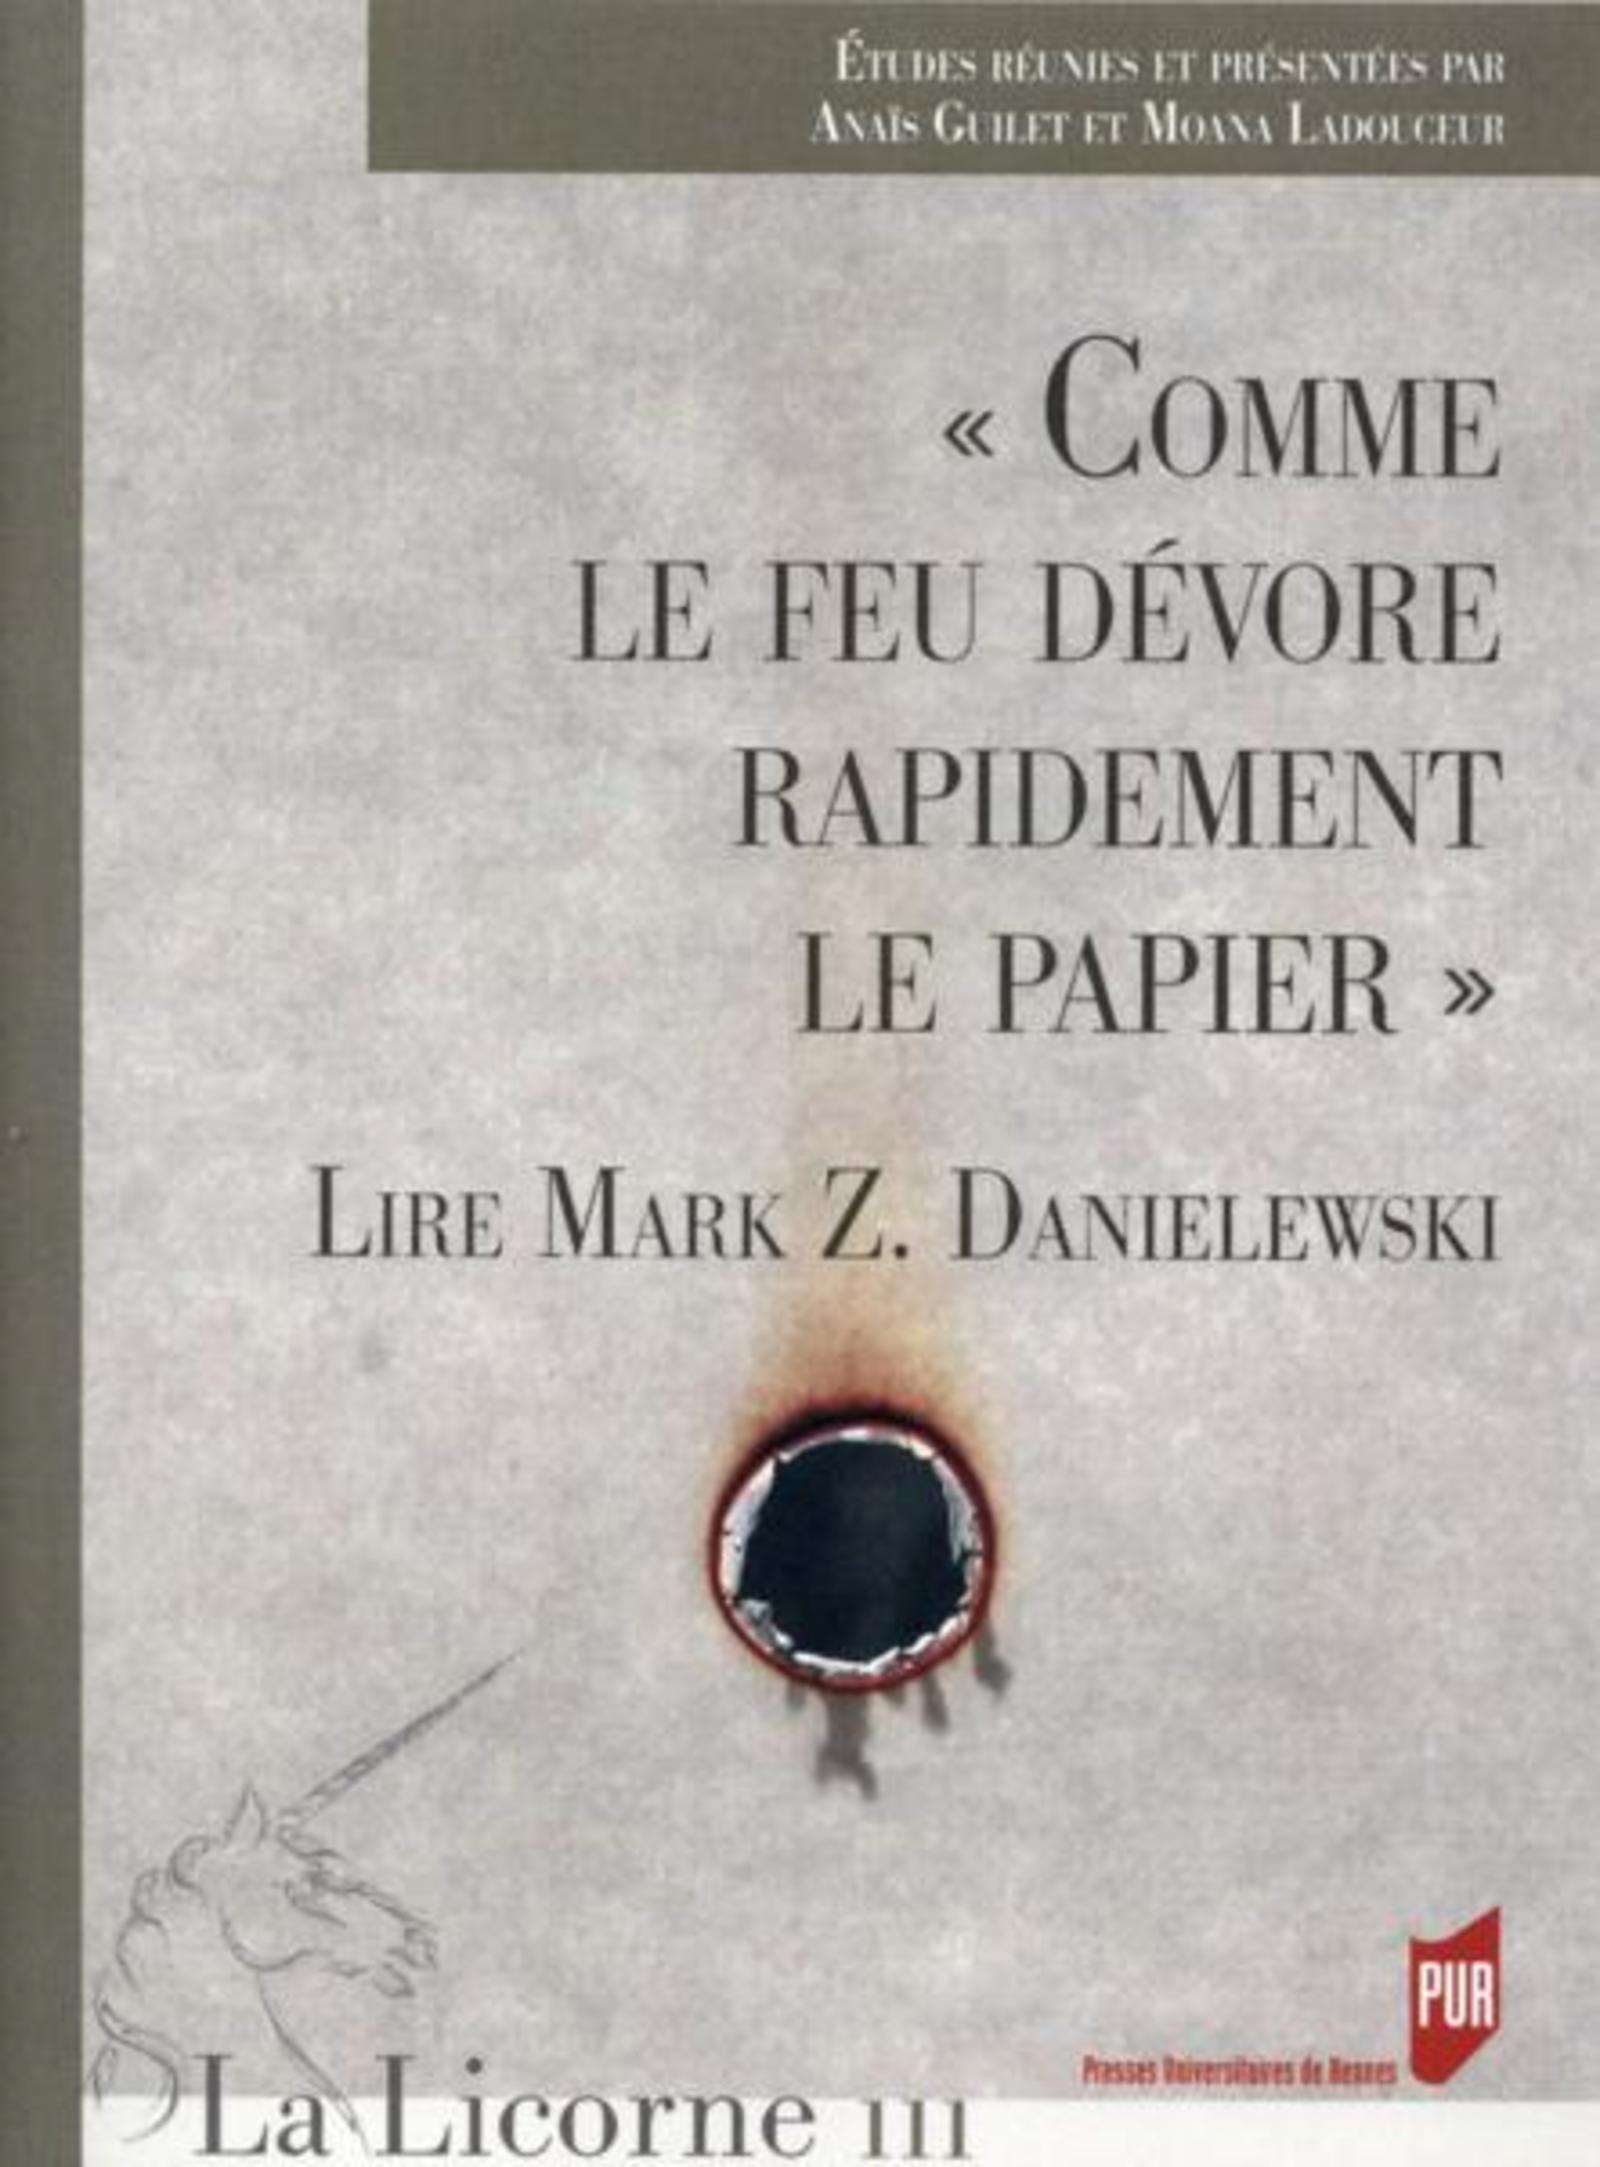 """""""COMME LE FEU DEVORE RAPIDEMENT LE PAPIER"""" LIRE MARK Z. DANIELEWSKI"""